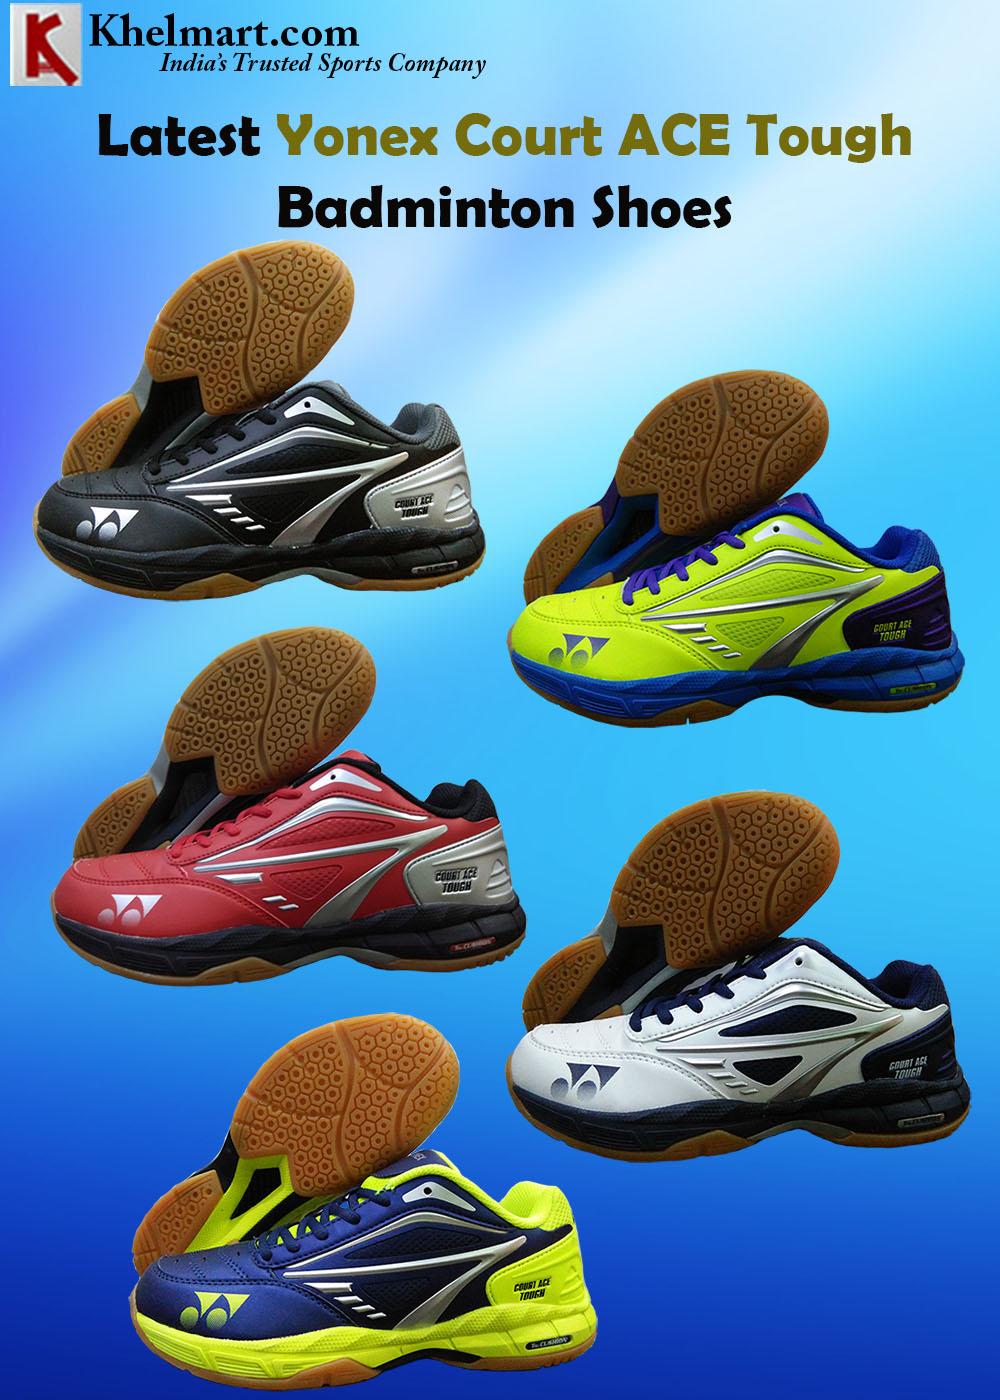 Latest Yonex Court ACE Tough Badminton Racket_1